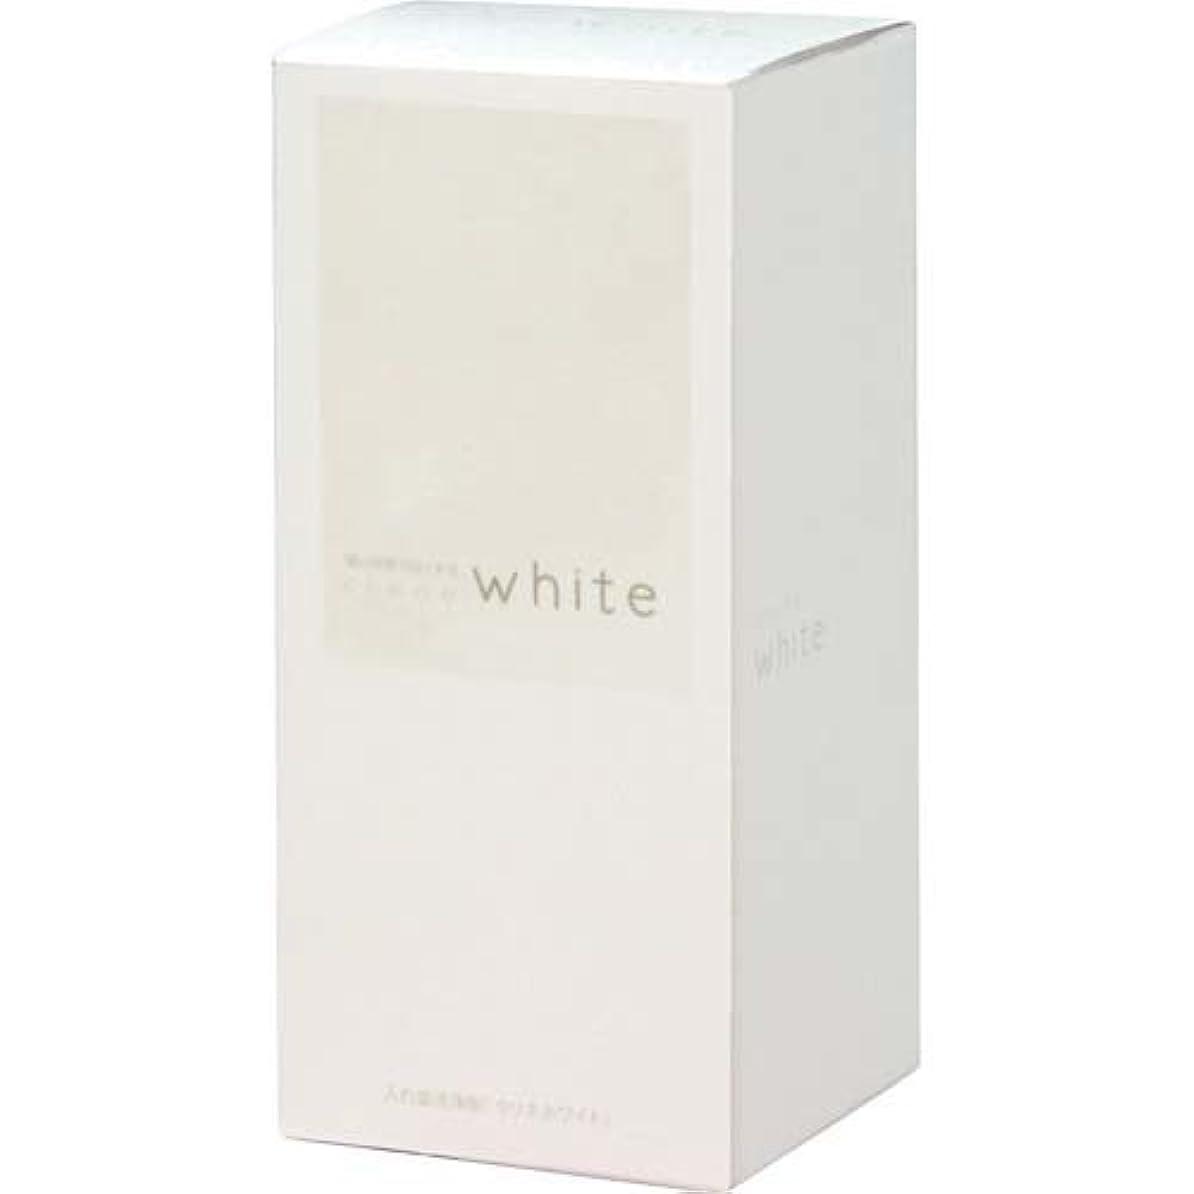 ひらめきヒュームビヨン短い時間で白くする 強力入れ歯洗浄剤 クリネホワイト